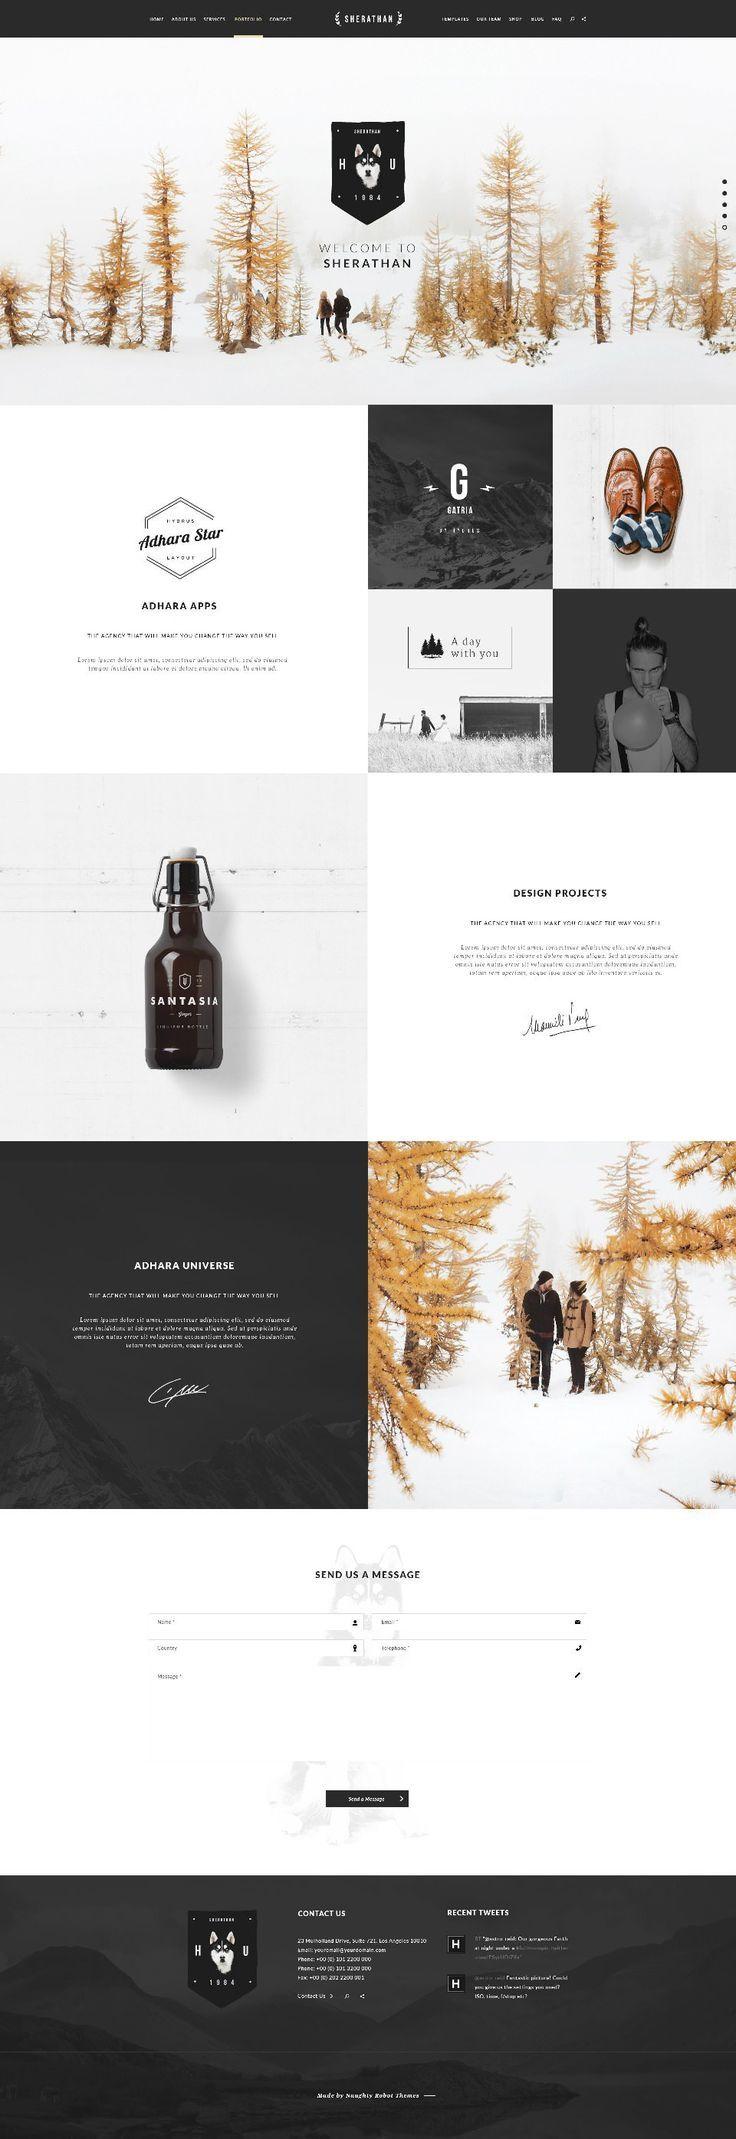 61 best DESIGN | WEB images on Pinterest | Website designs, Design ...